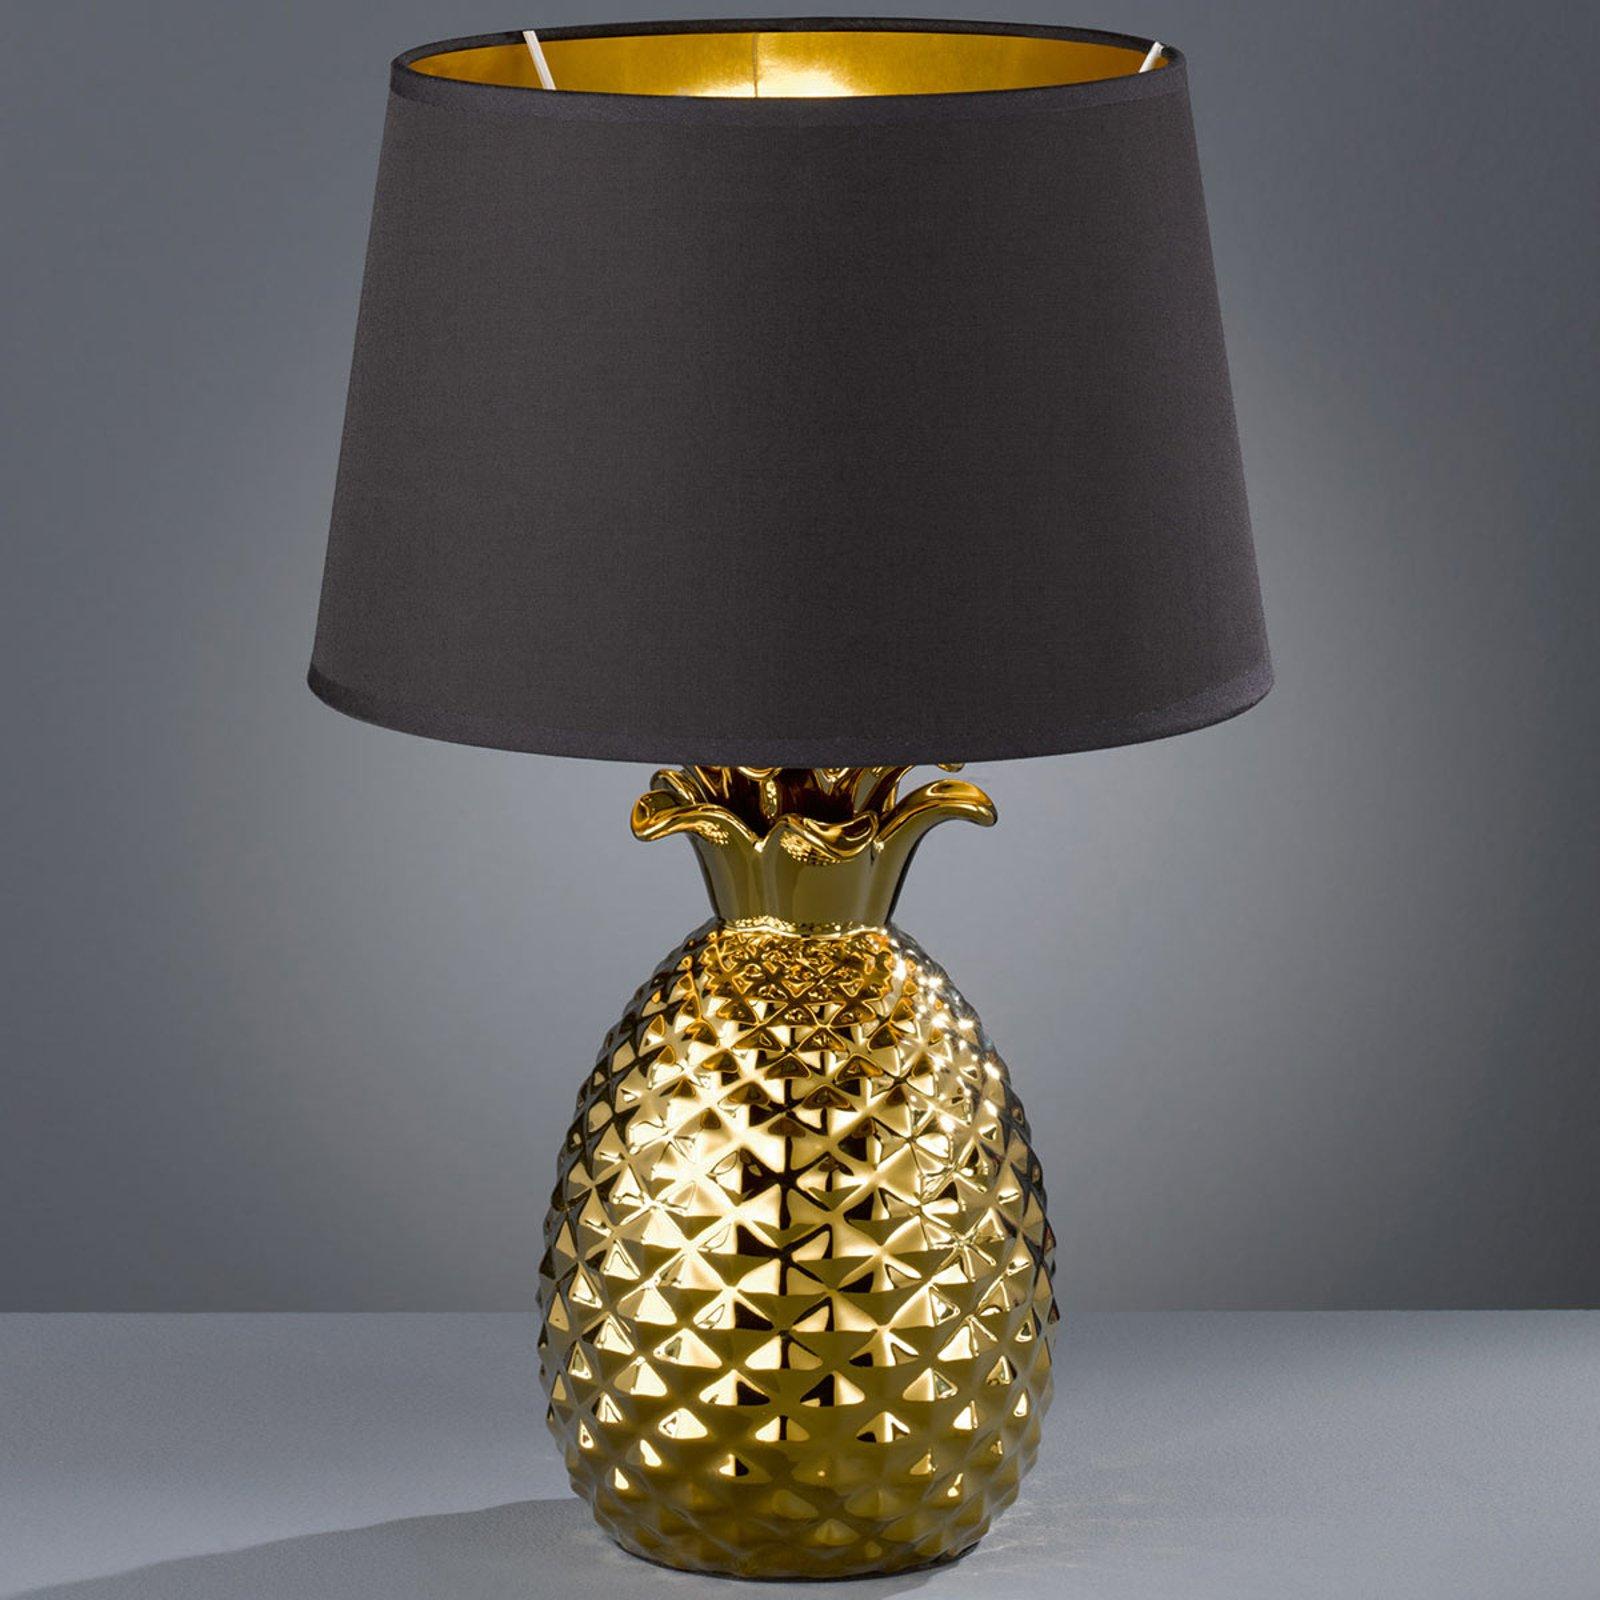 Bordlampe i tekstil Pineapple i gull, svart, 45 cm